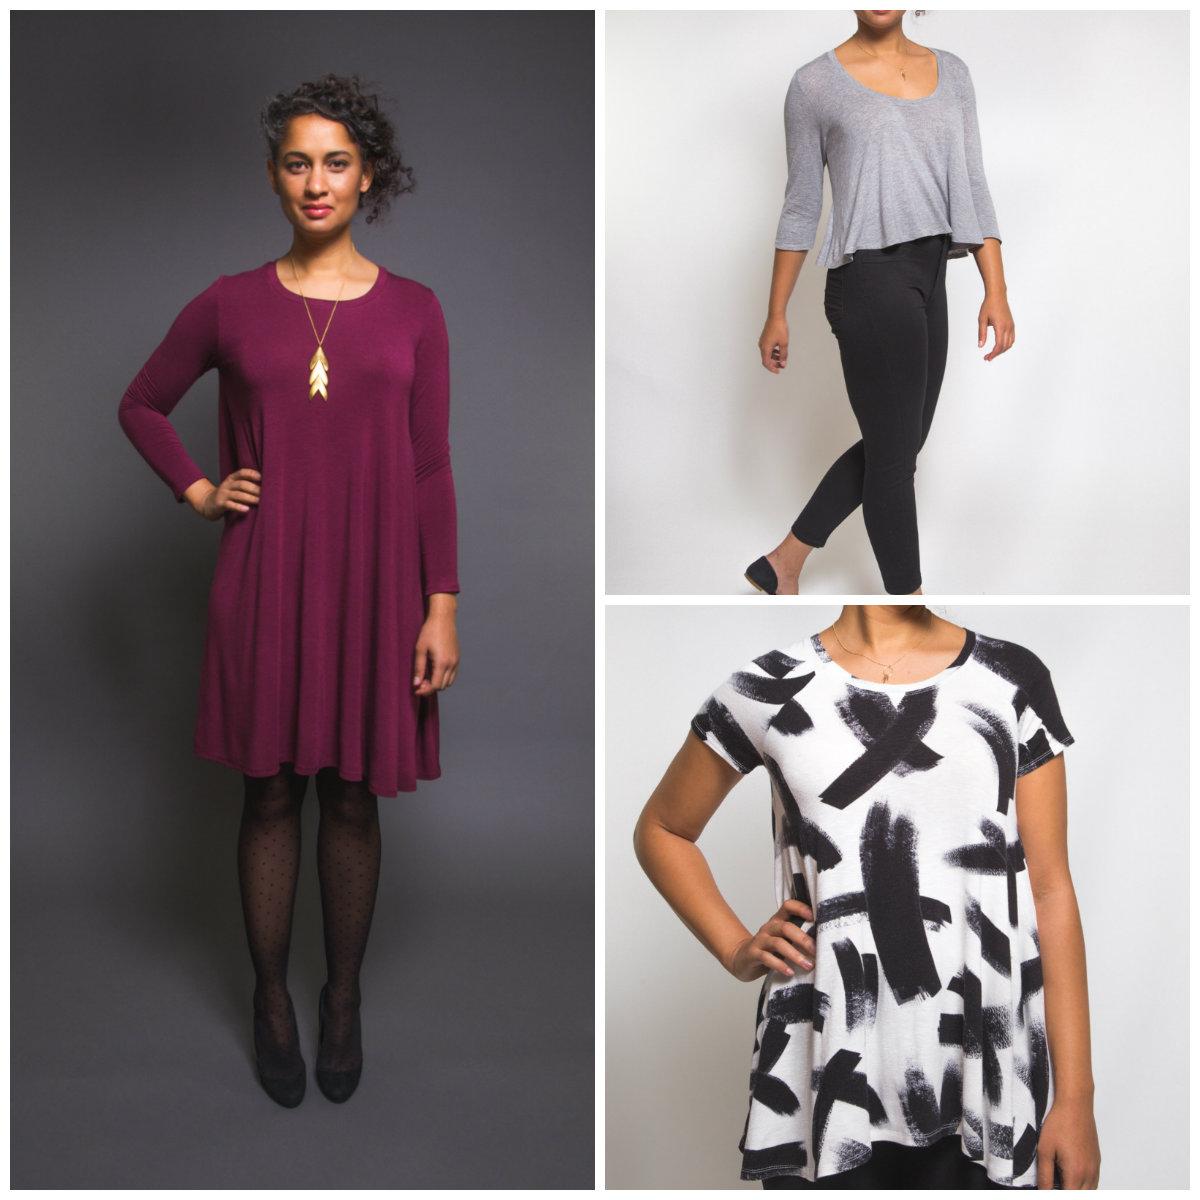 75ec677f New Closet Case Files Ebony T-shirt and Dress! 1/24/17 ...